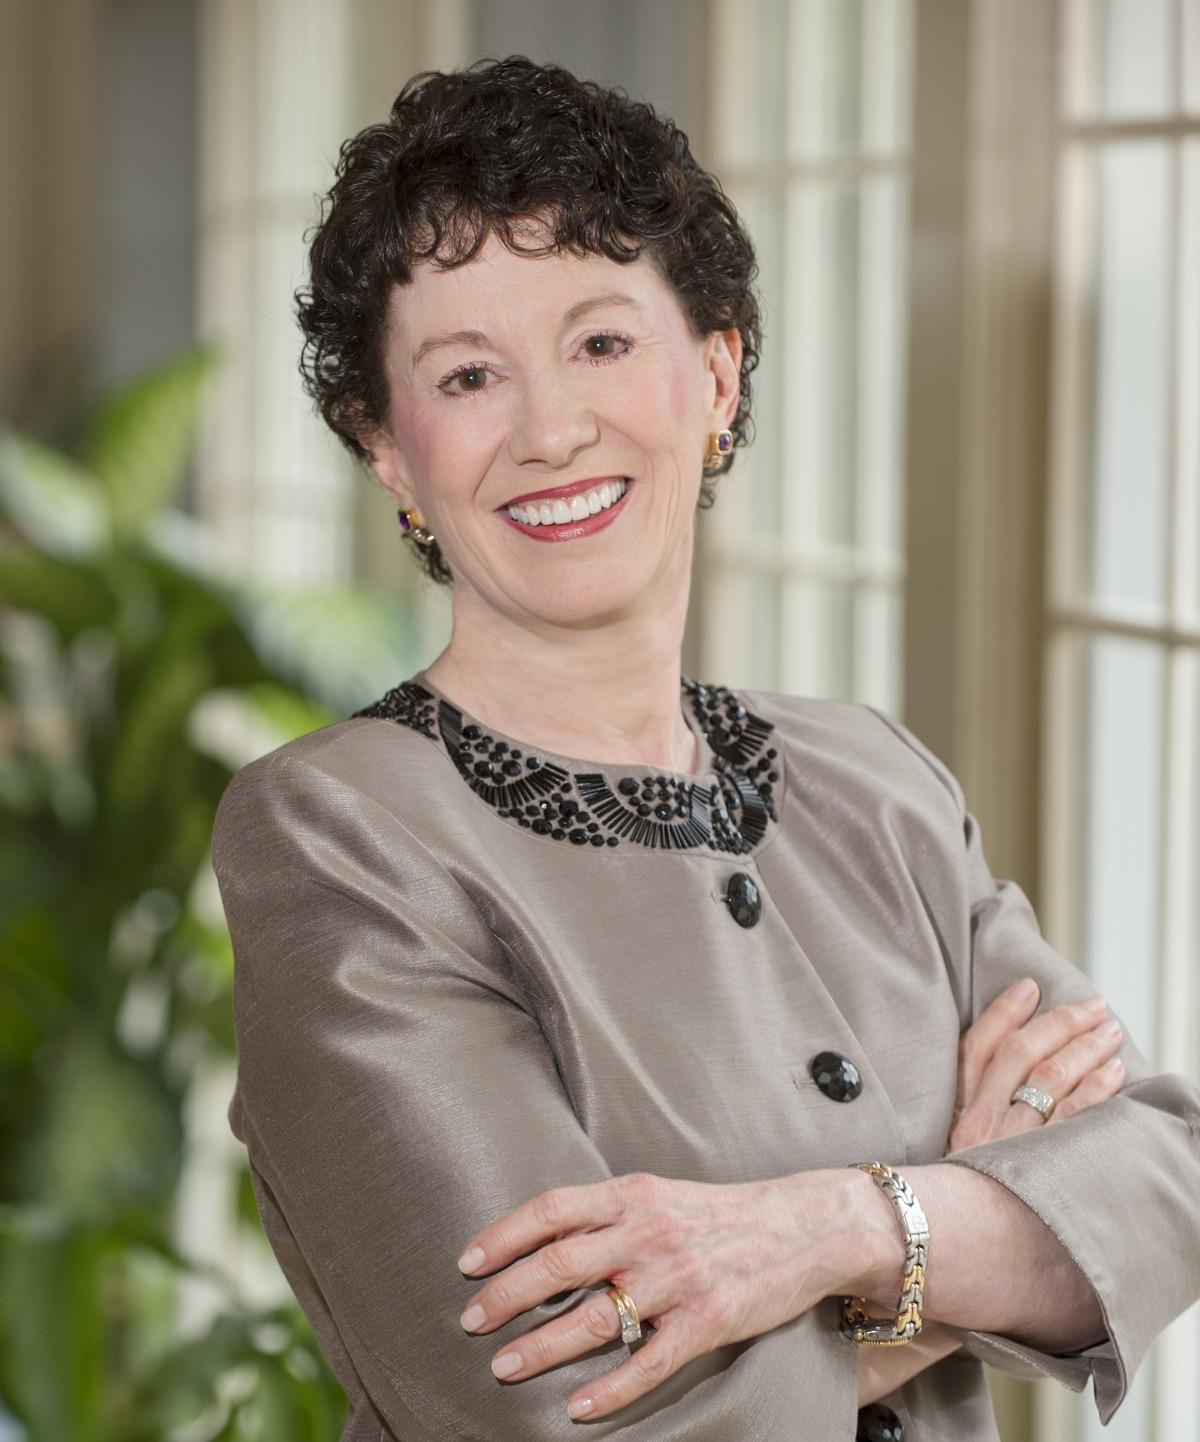 Dr. McGrath